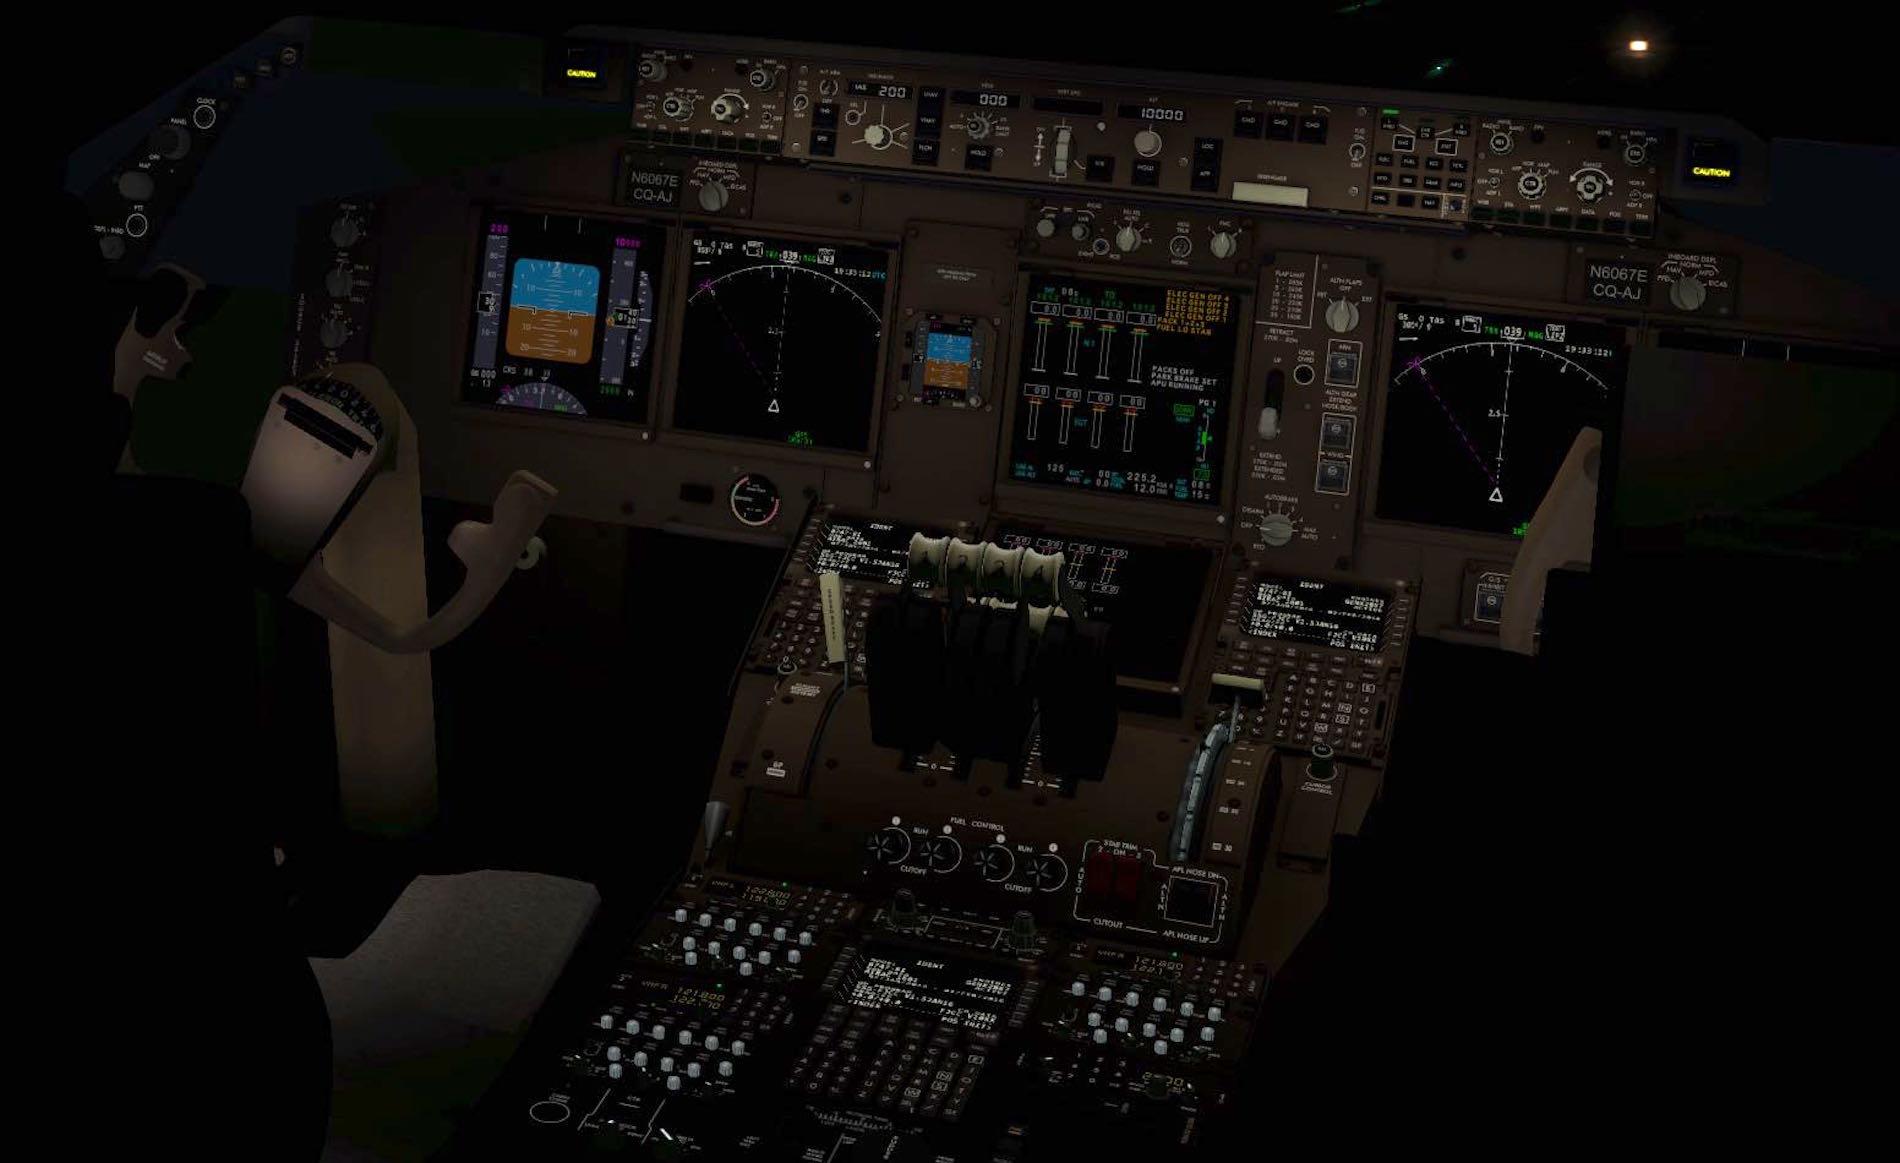 ssg-748i-00018